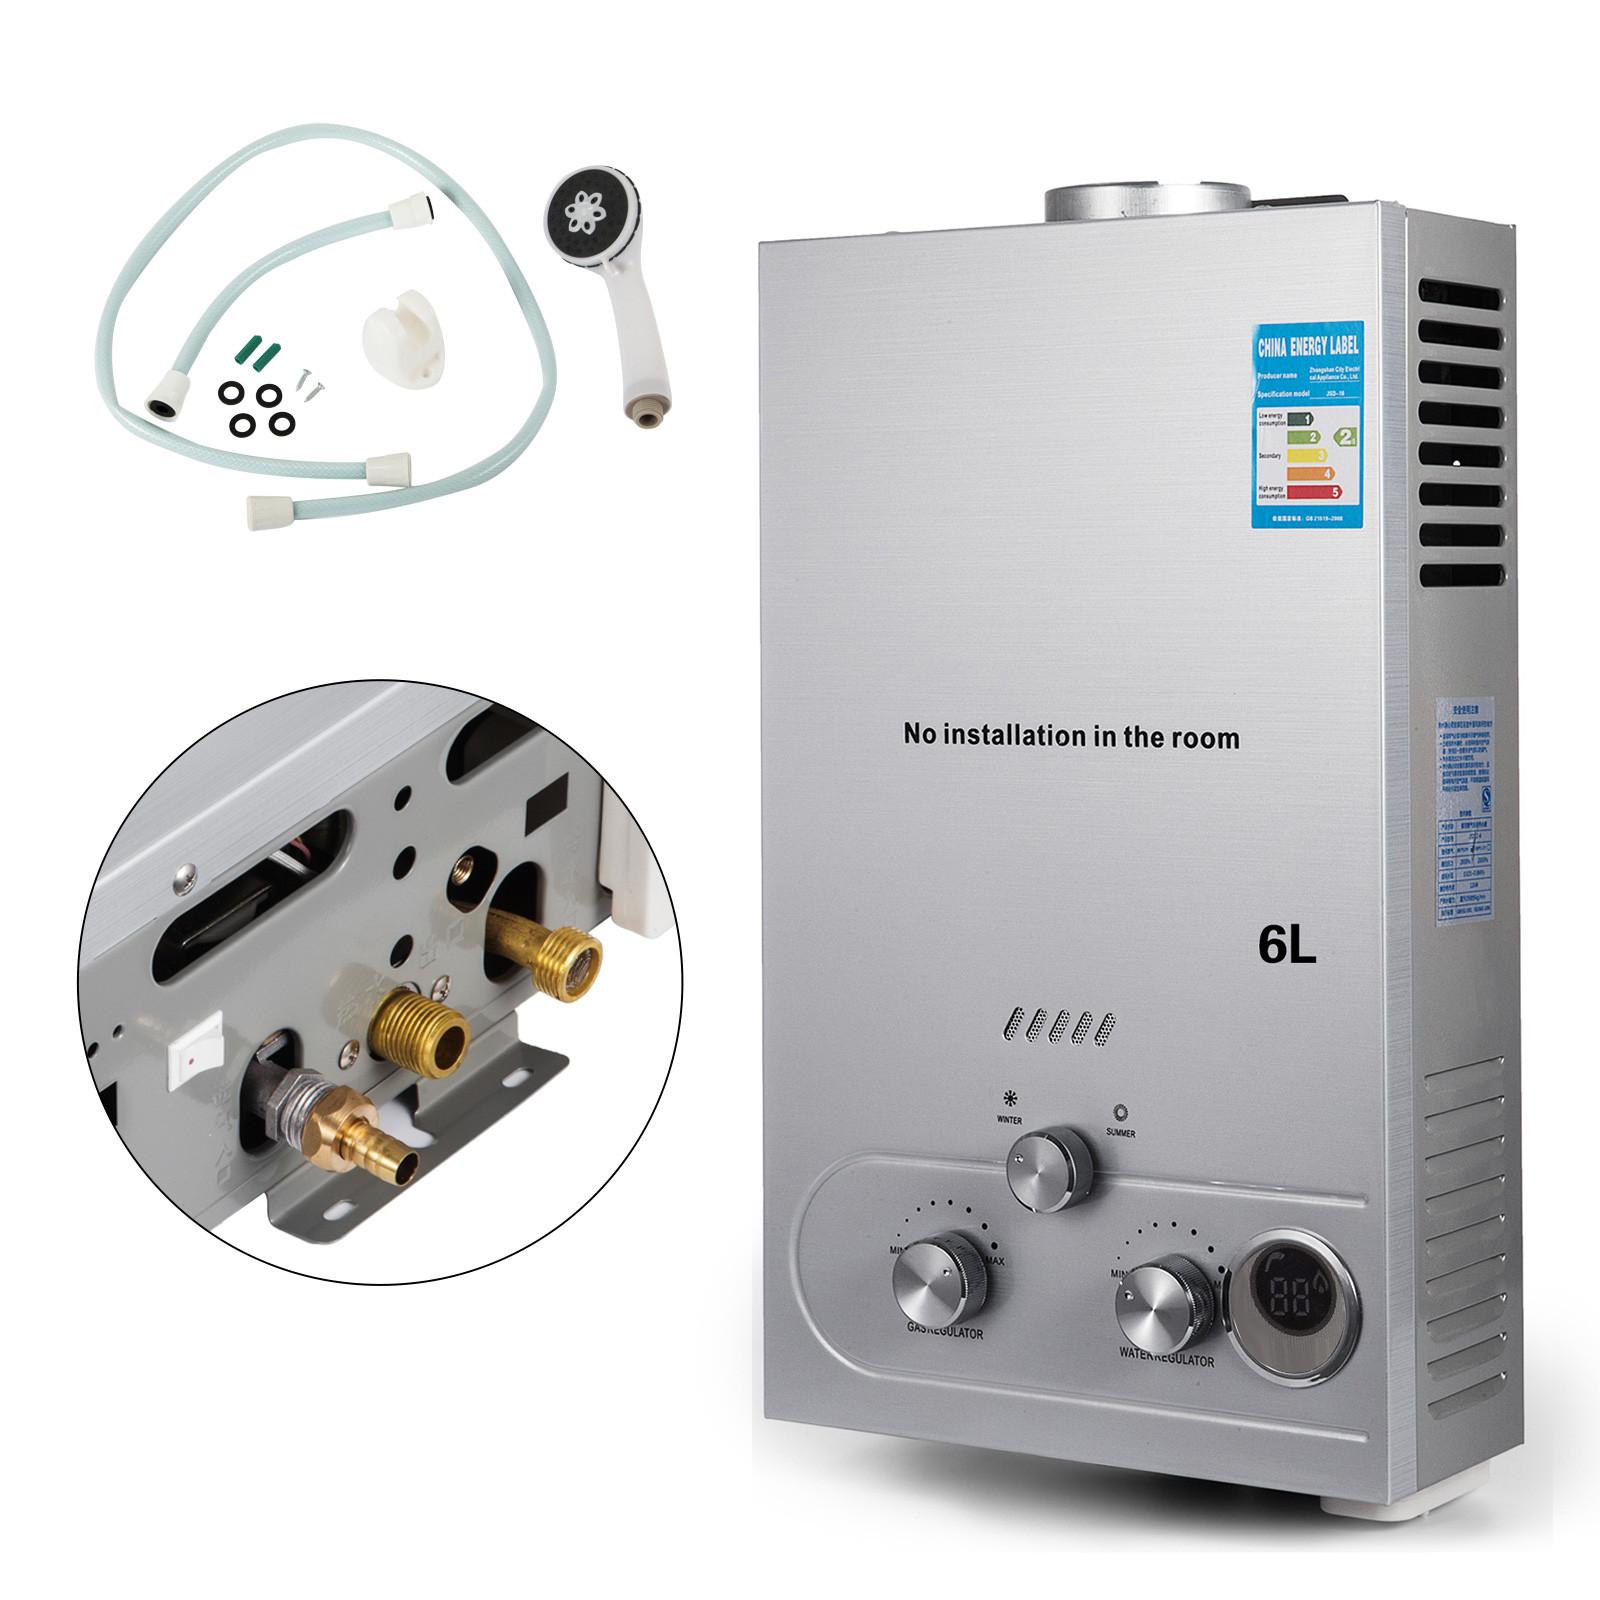 Propangas-Gas-Durchlauferhitzer-Warmwasserbereiter-Boiler-Warmwasserspeicher Indexbild 35